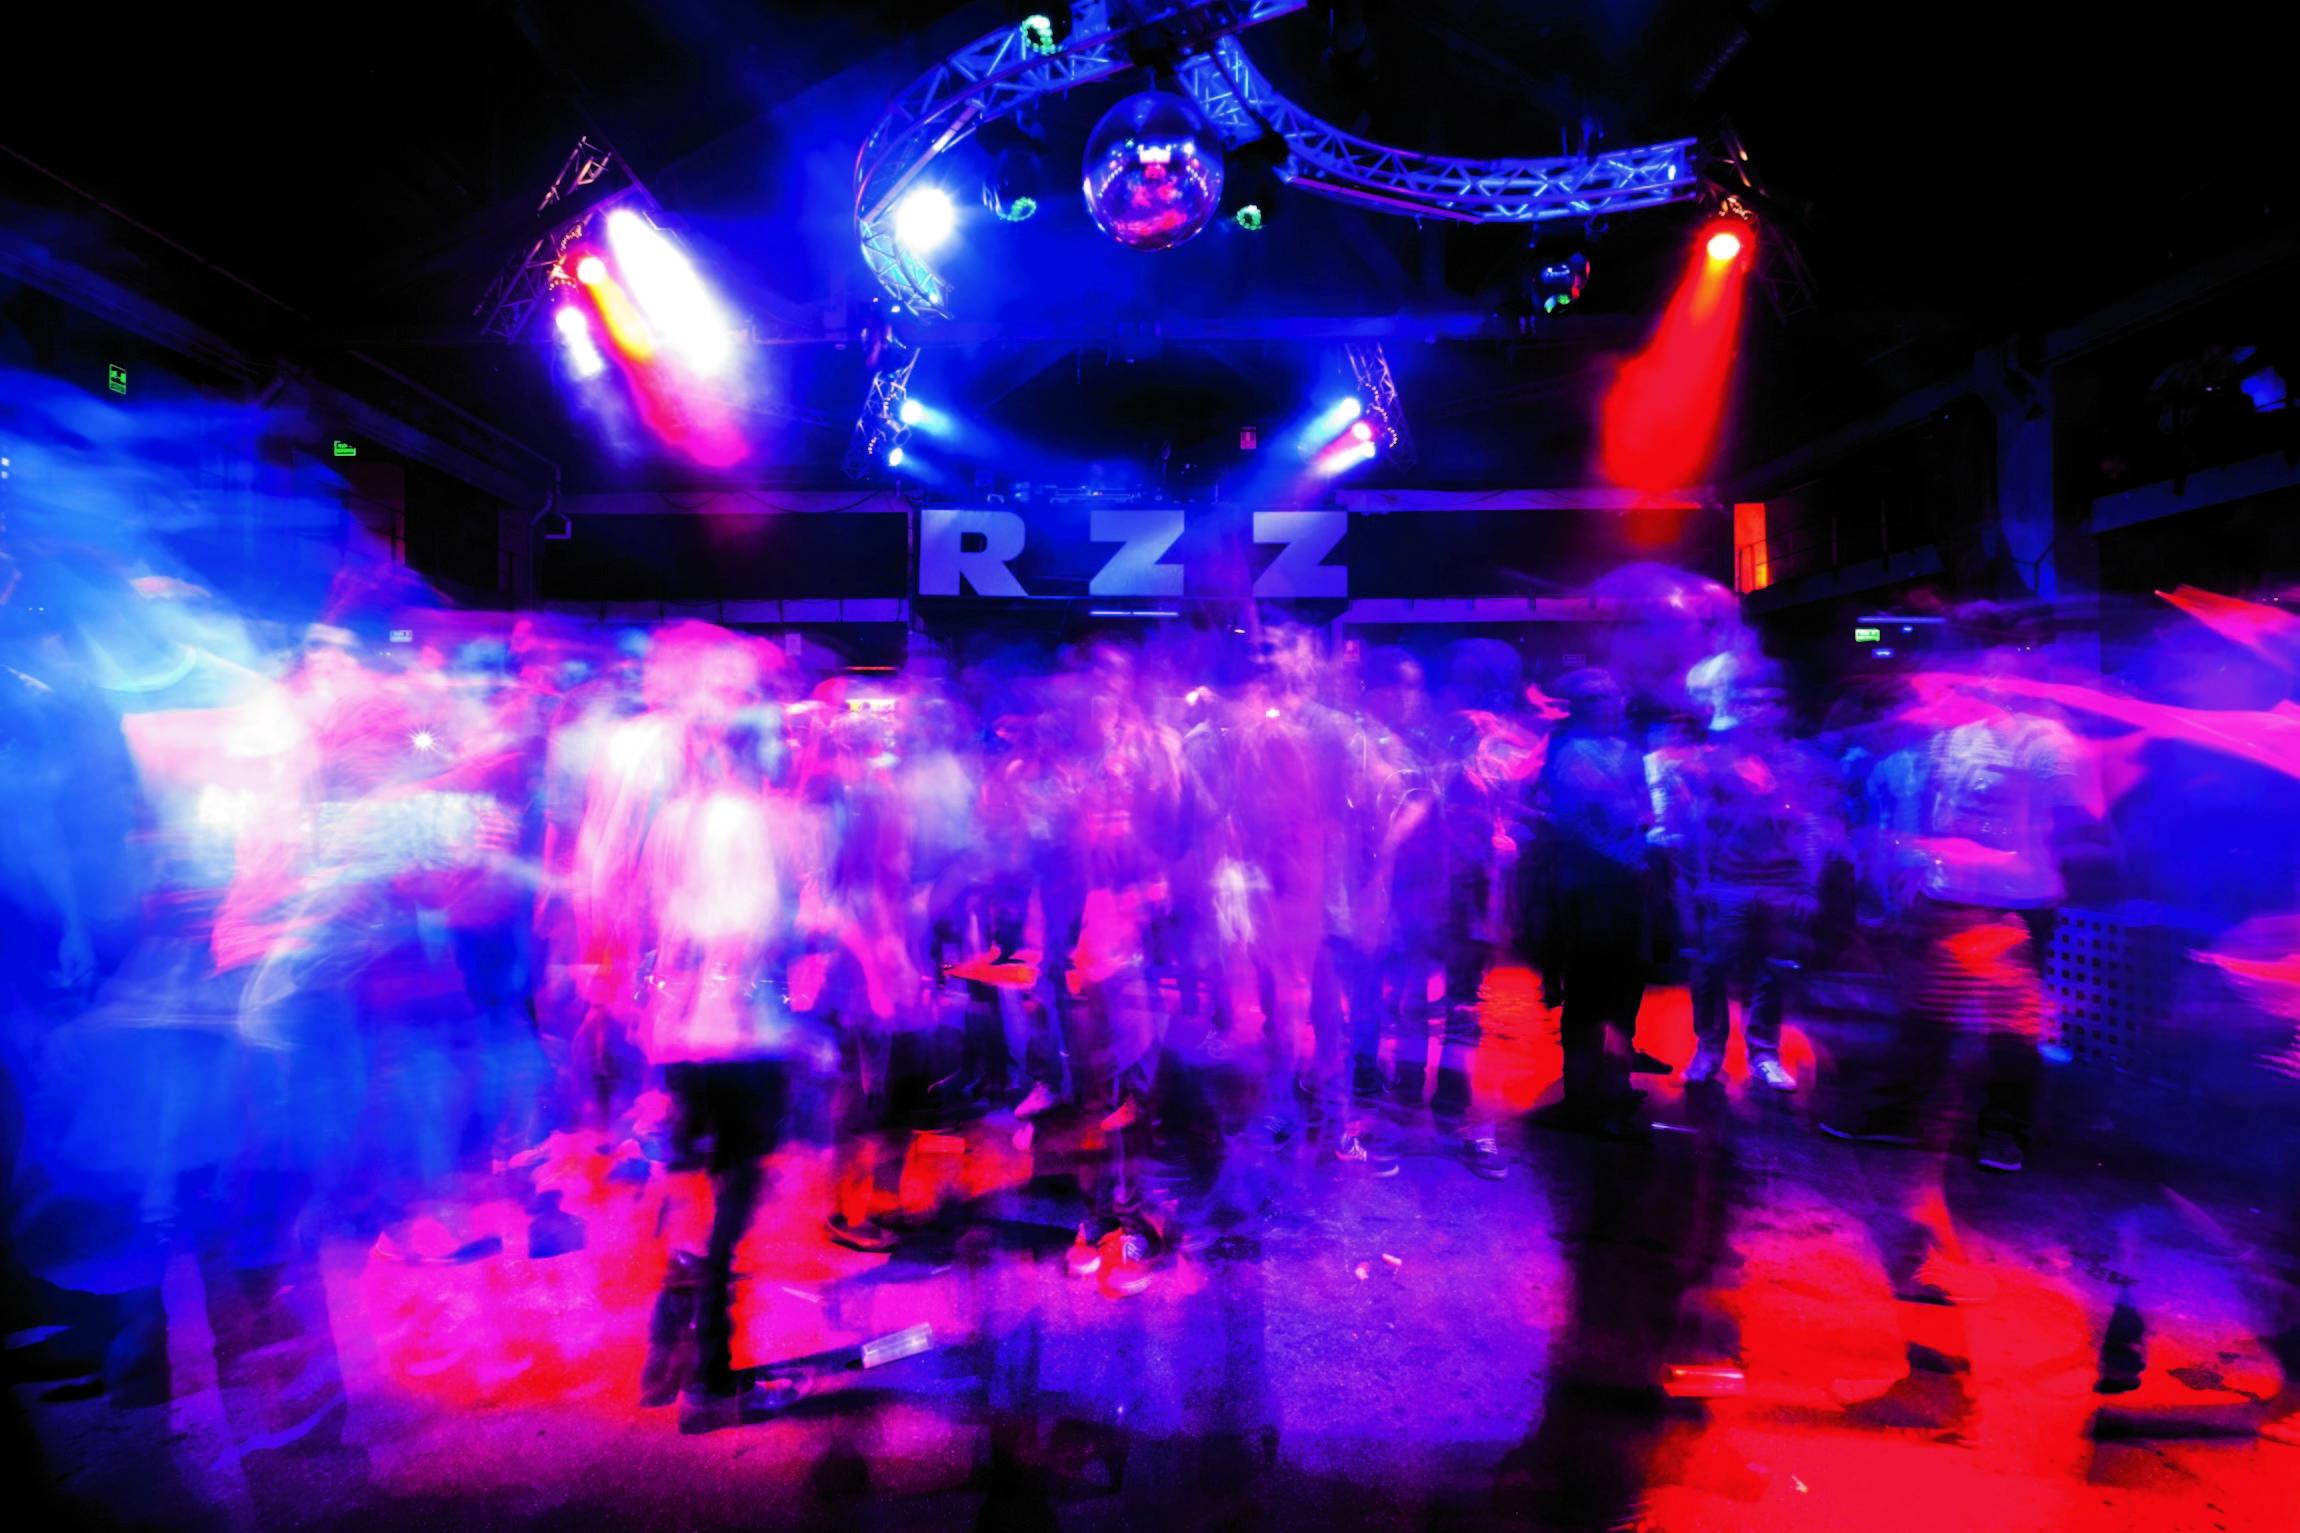 Razzclub / Loft (Sala Razzmatazz)